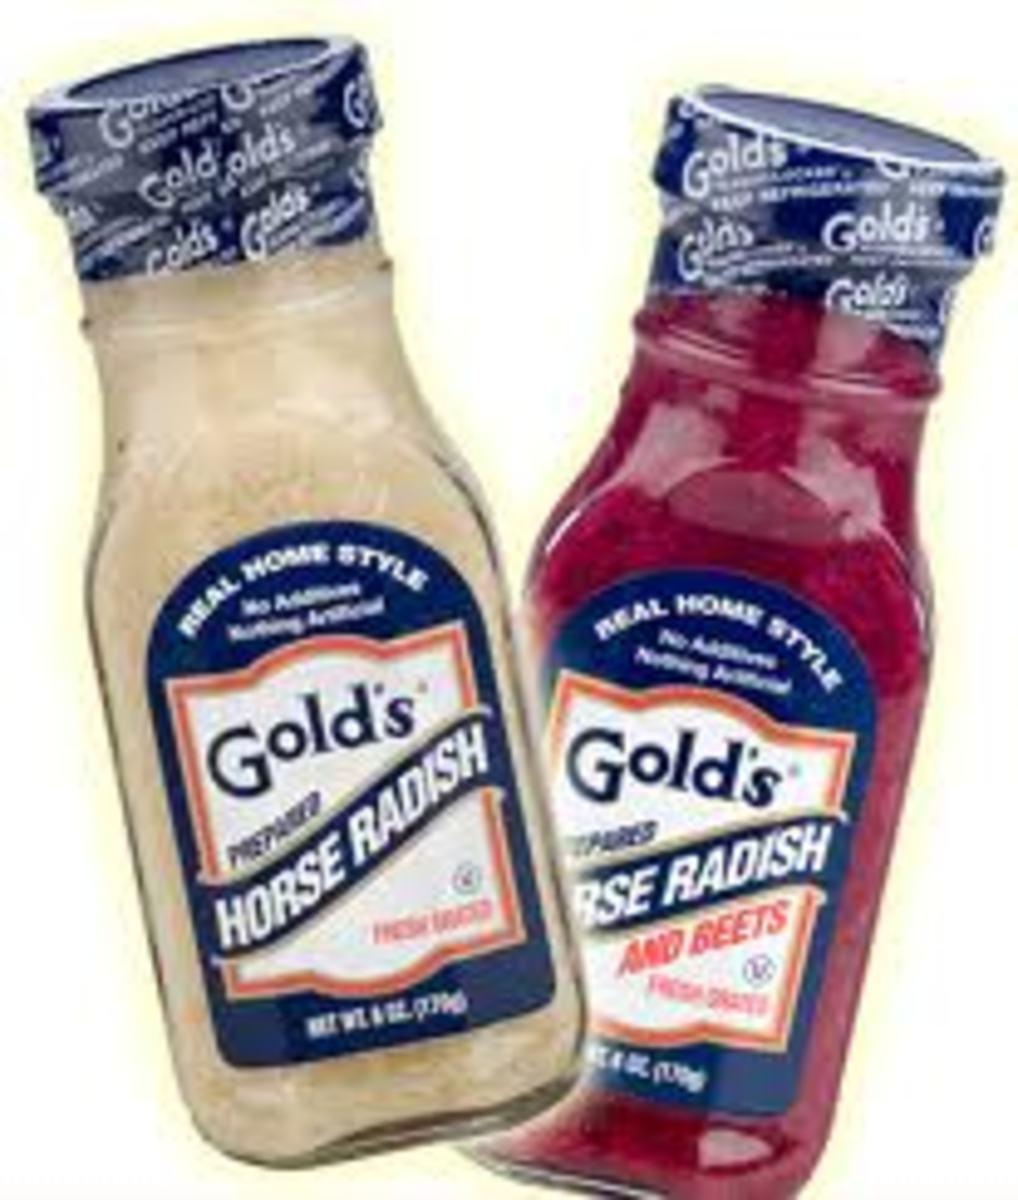 goldshorseradish